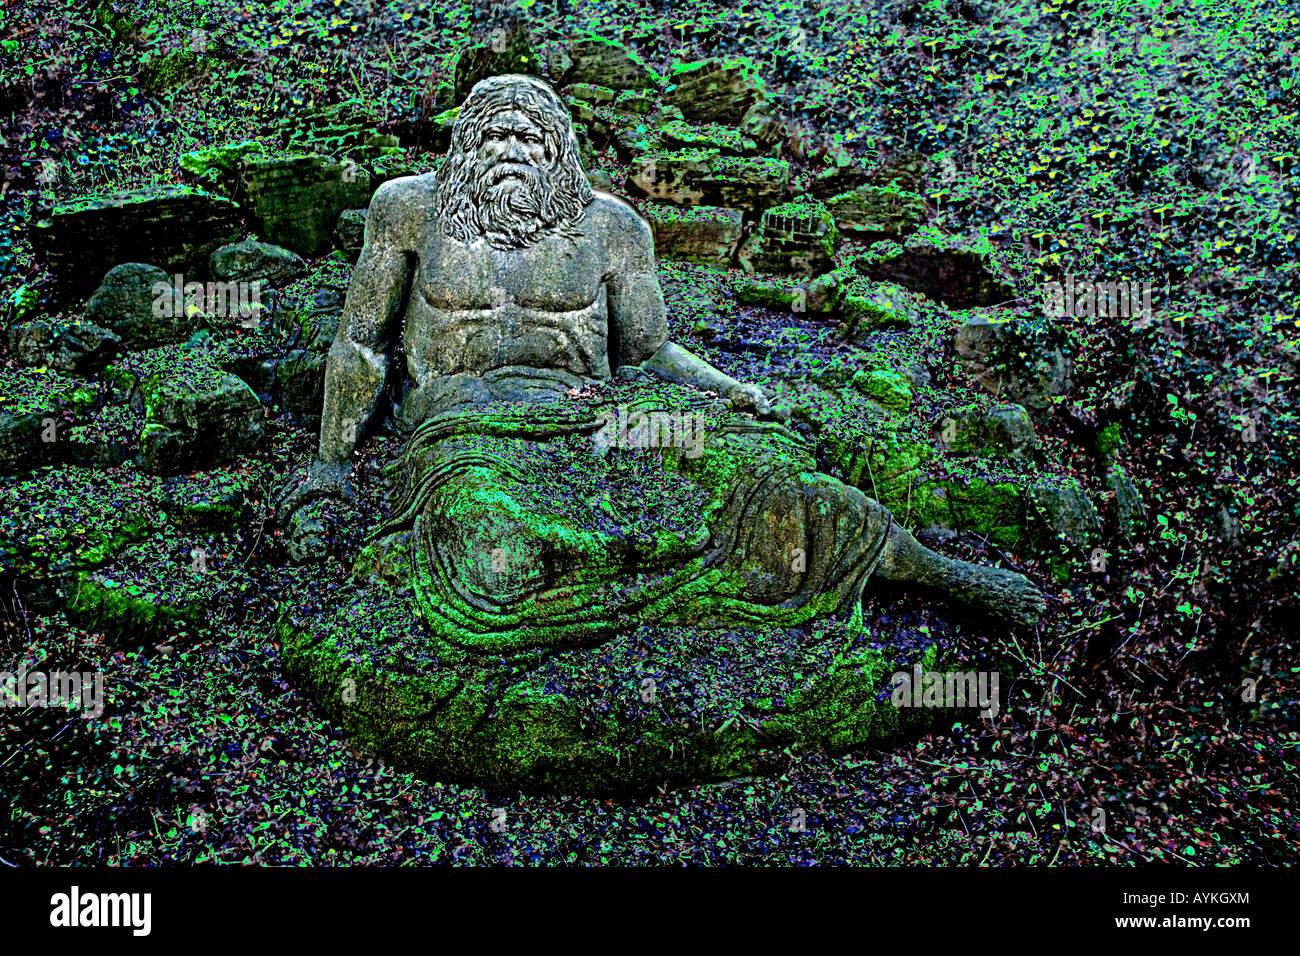 Texte: Mondo verde parc de loisirs de Mondo Verde Pays-Bas Banque D'Images